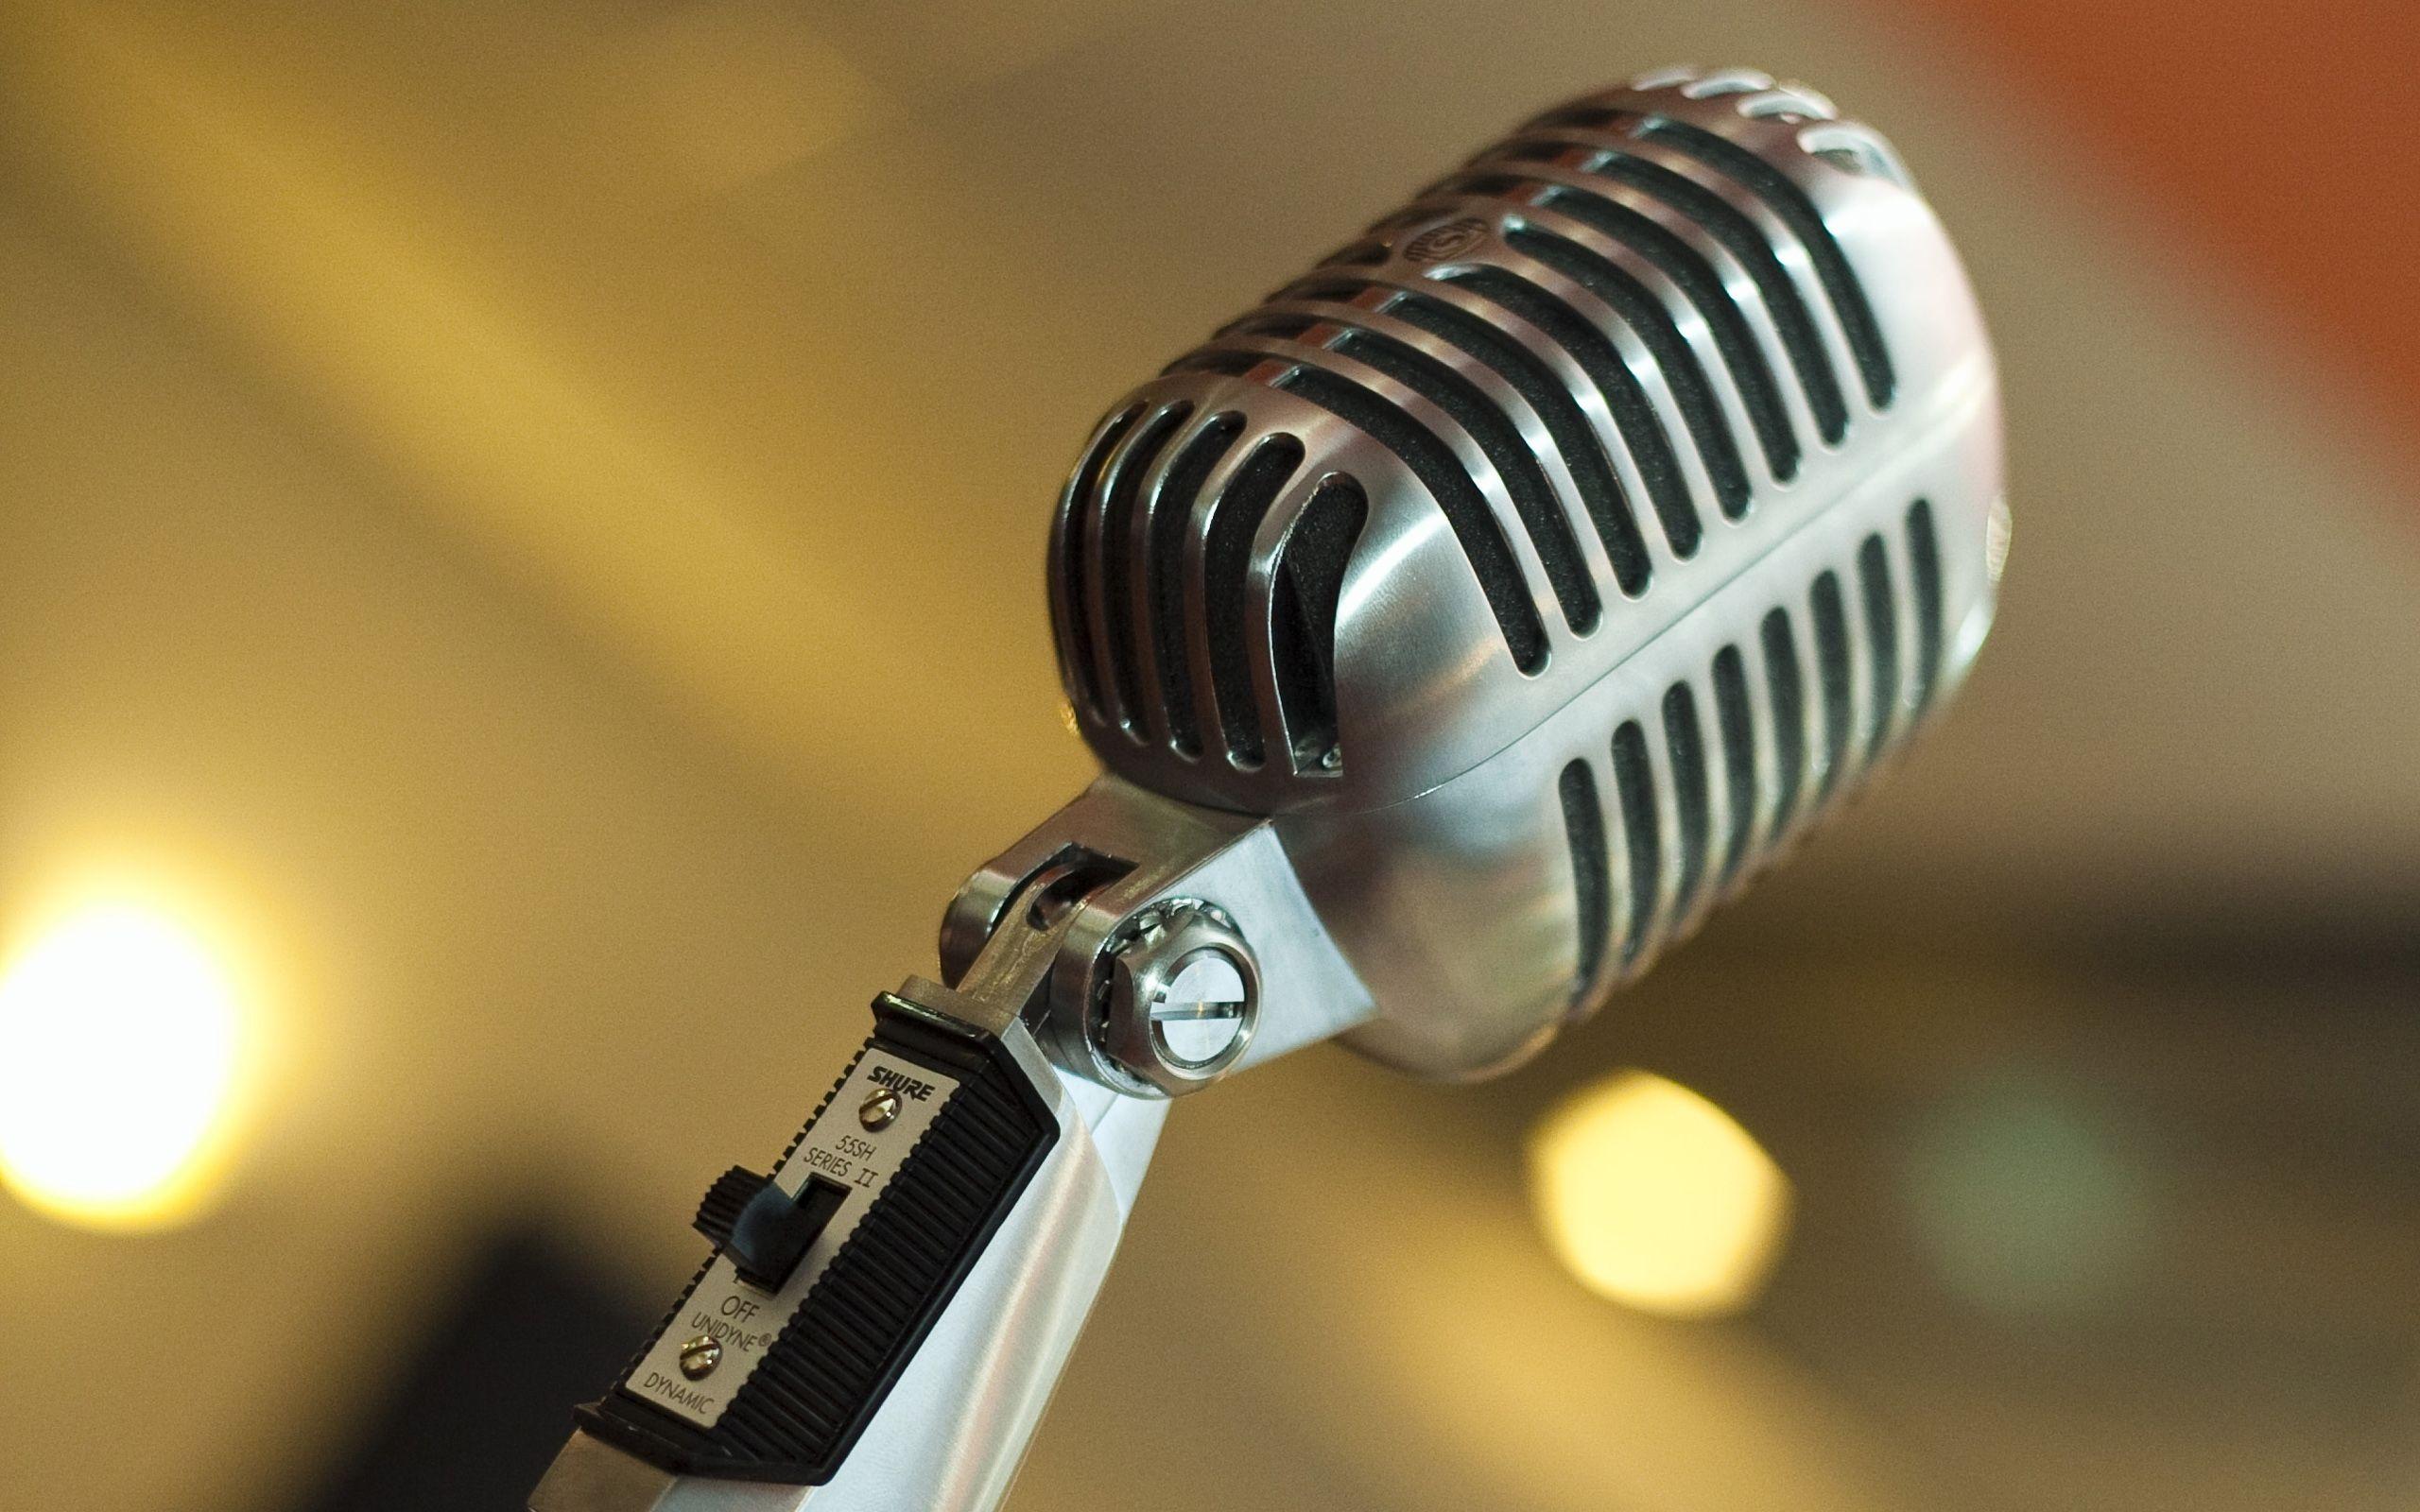 Vintage Mic Singing Vintage Microphone Microphone